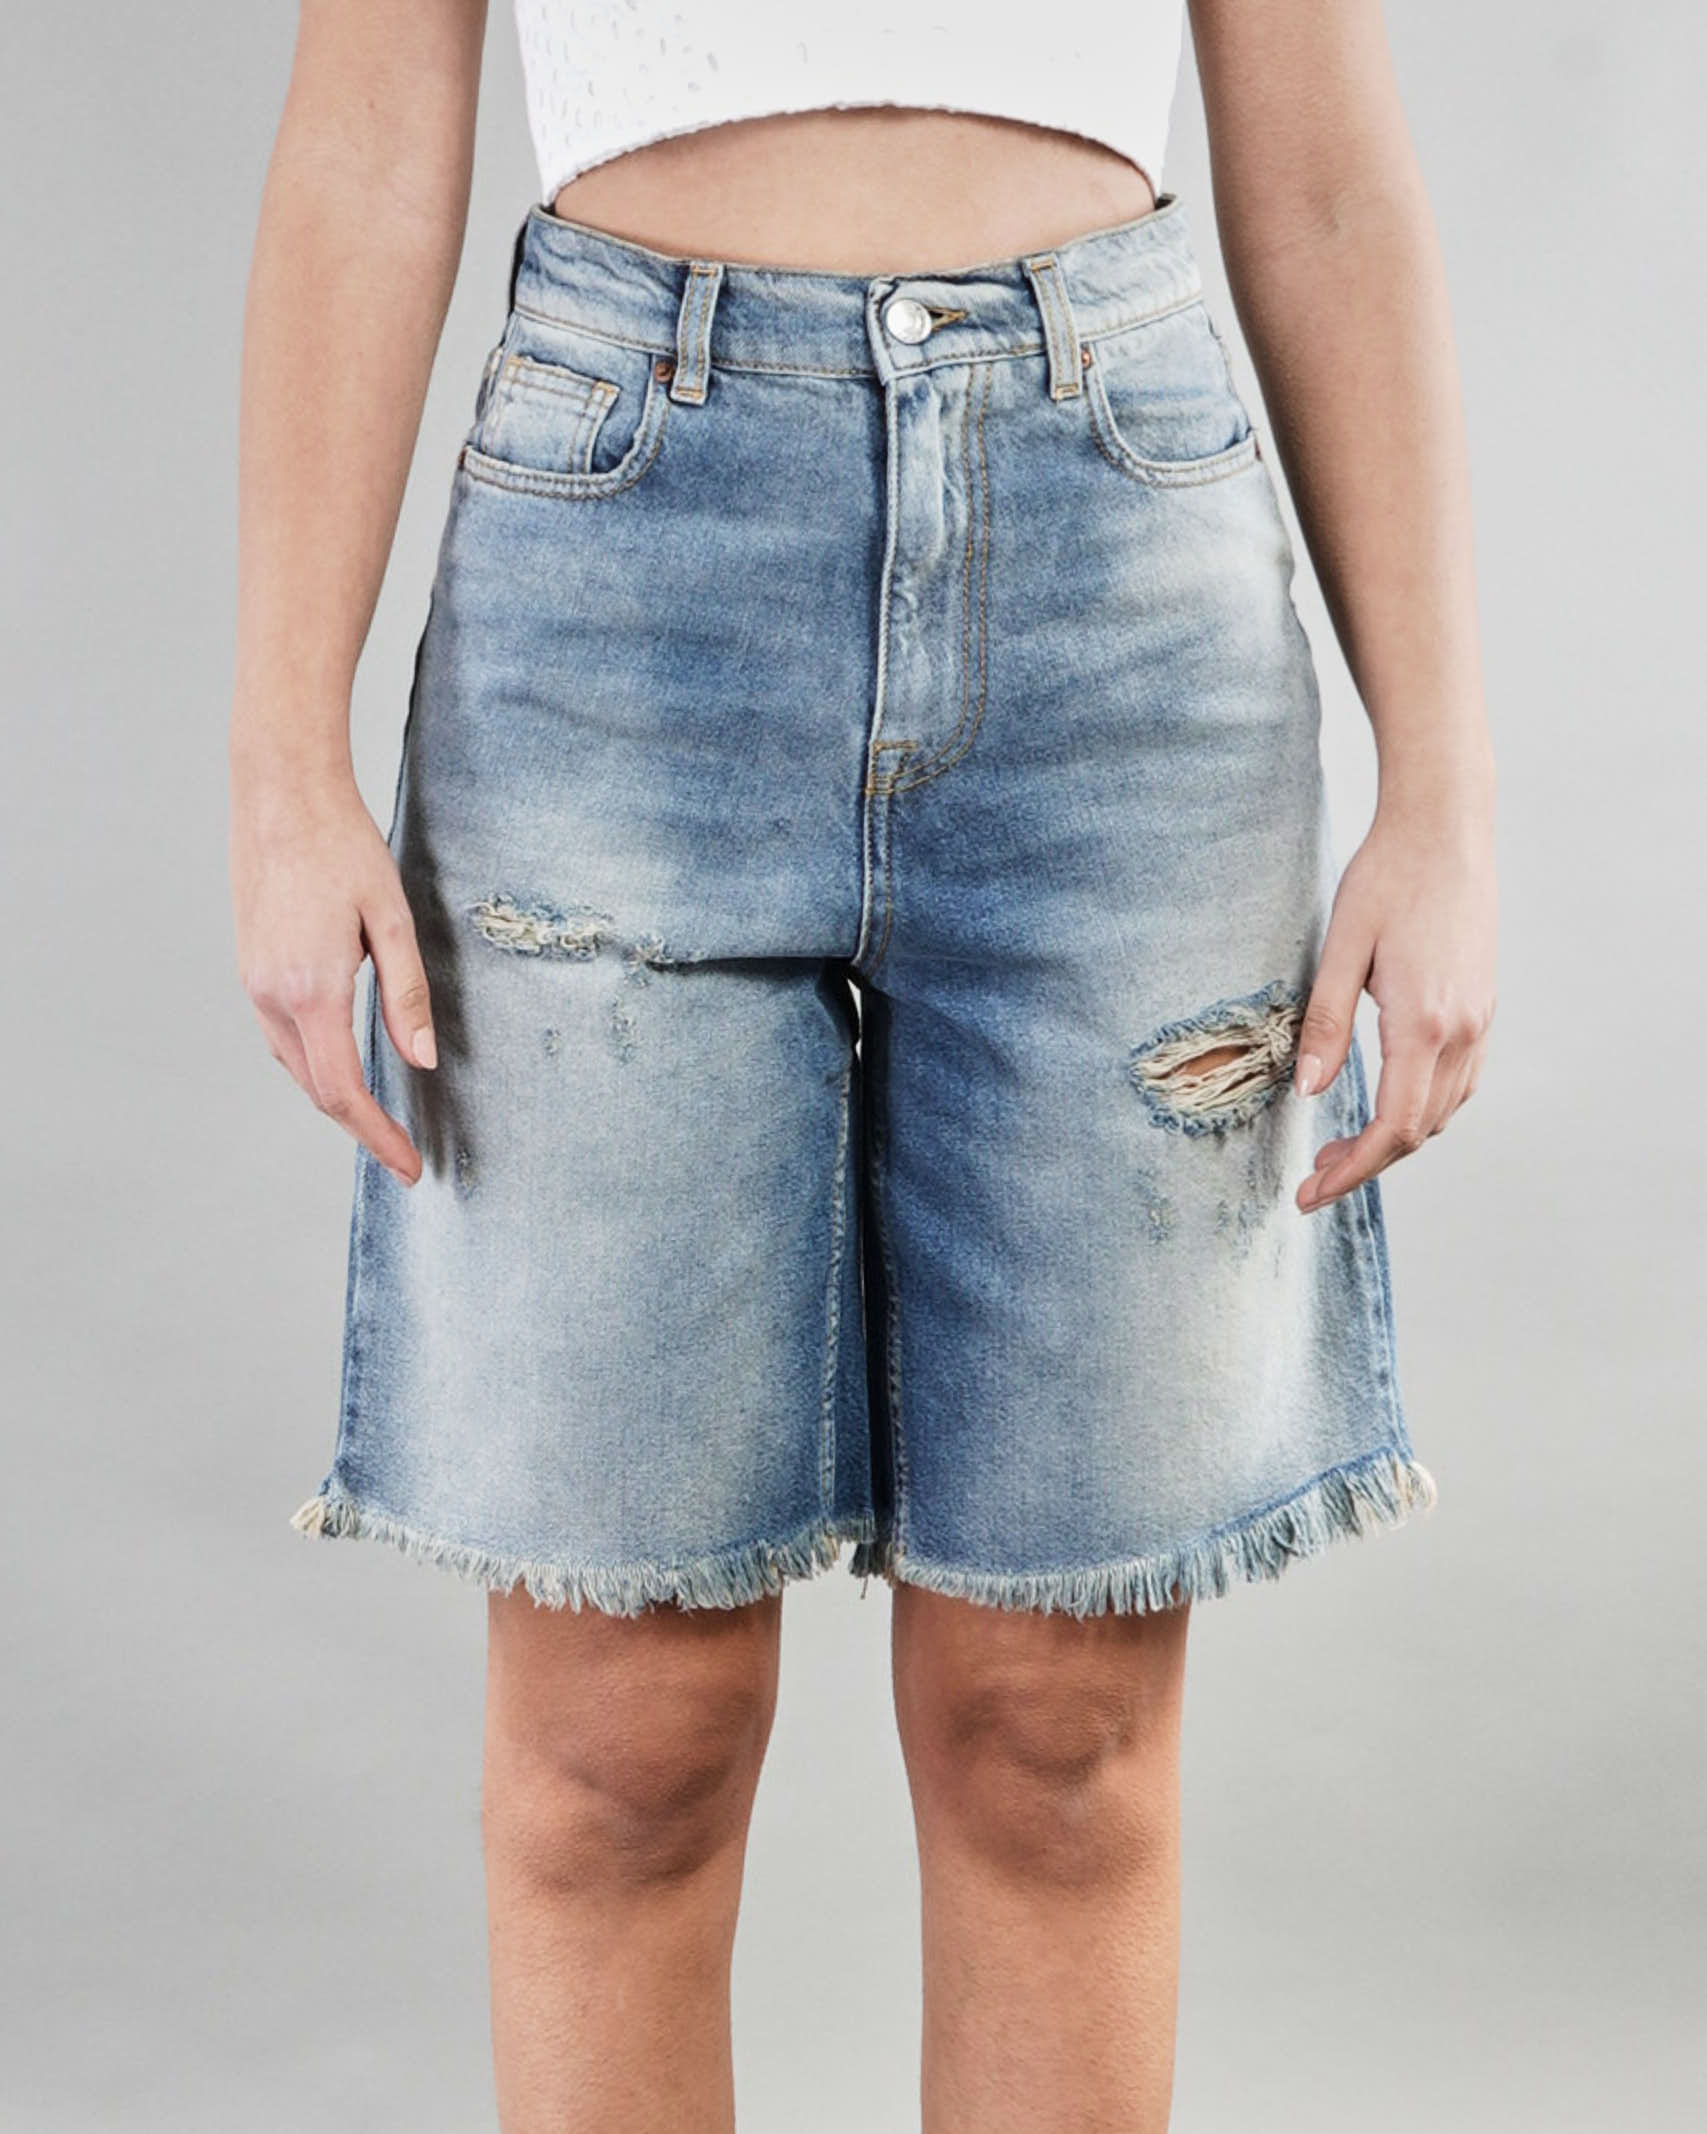 Bermuda con rotture sfrangiato Vicolo VICOLO | Jeans | DH0029DENIM